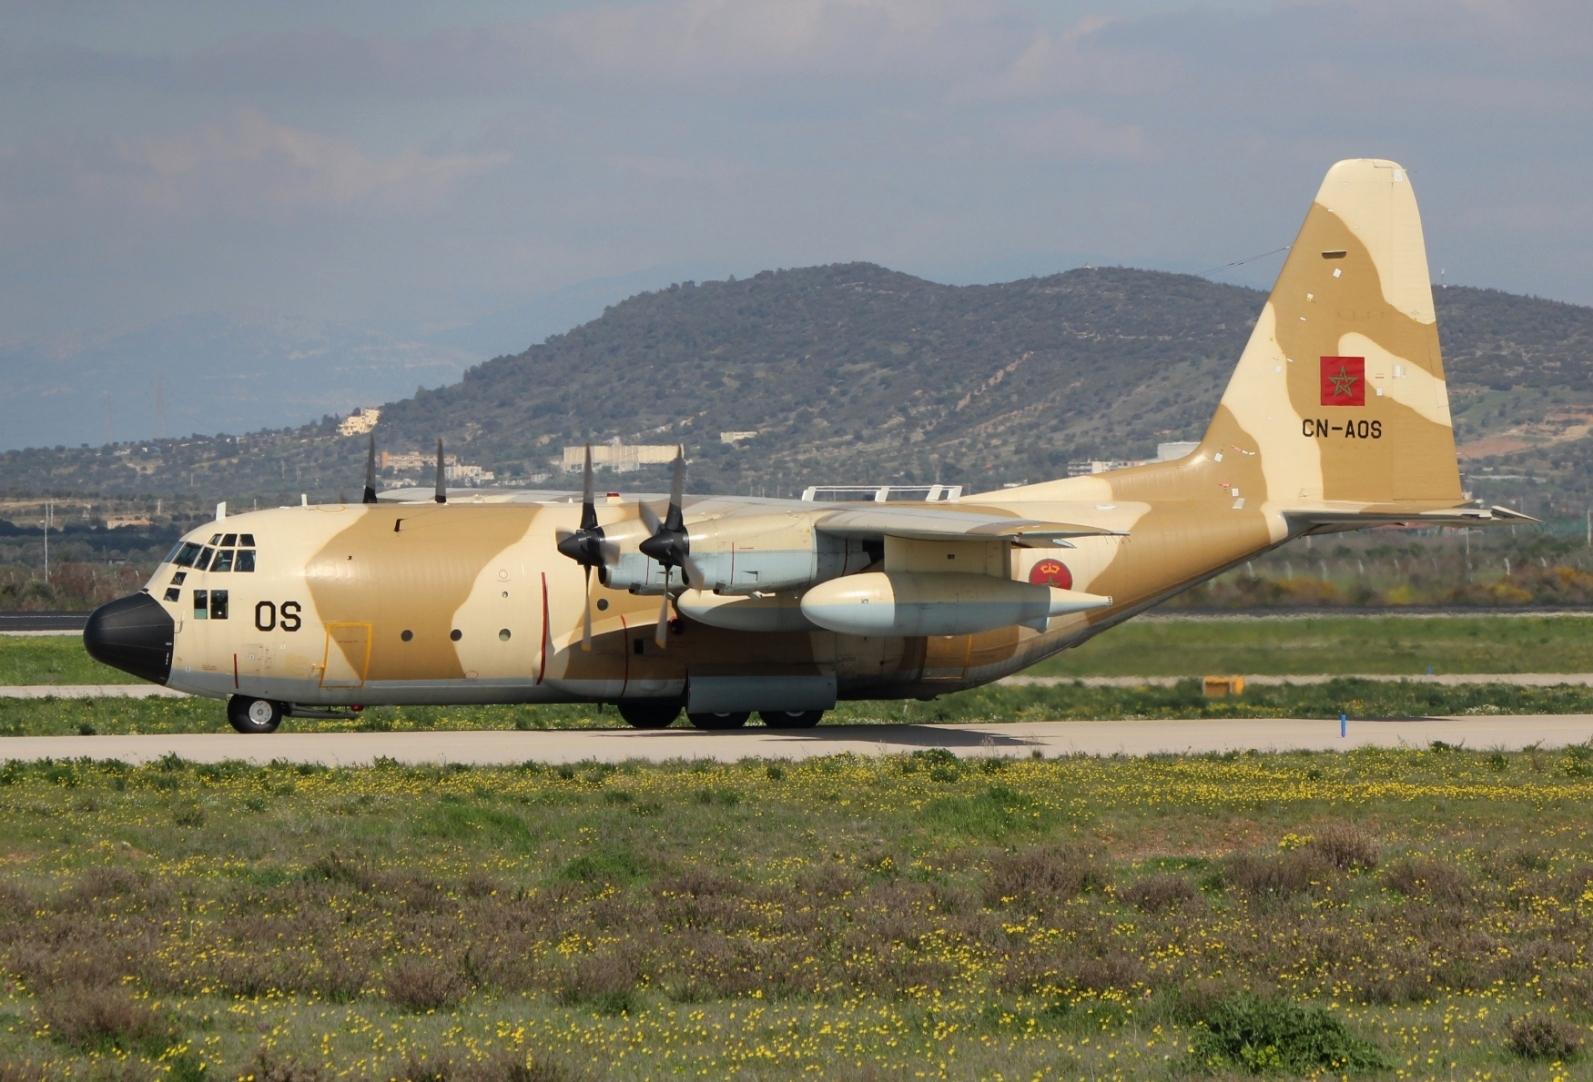 FRA: Photos d'avions de transport - Page 31 33322668800_e7020c0f66_o